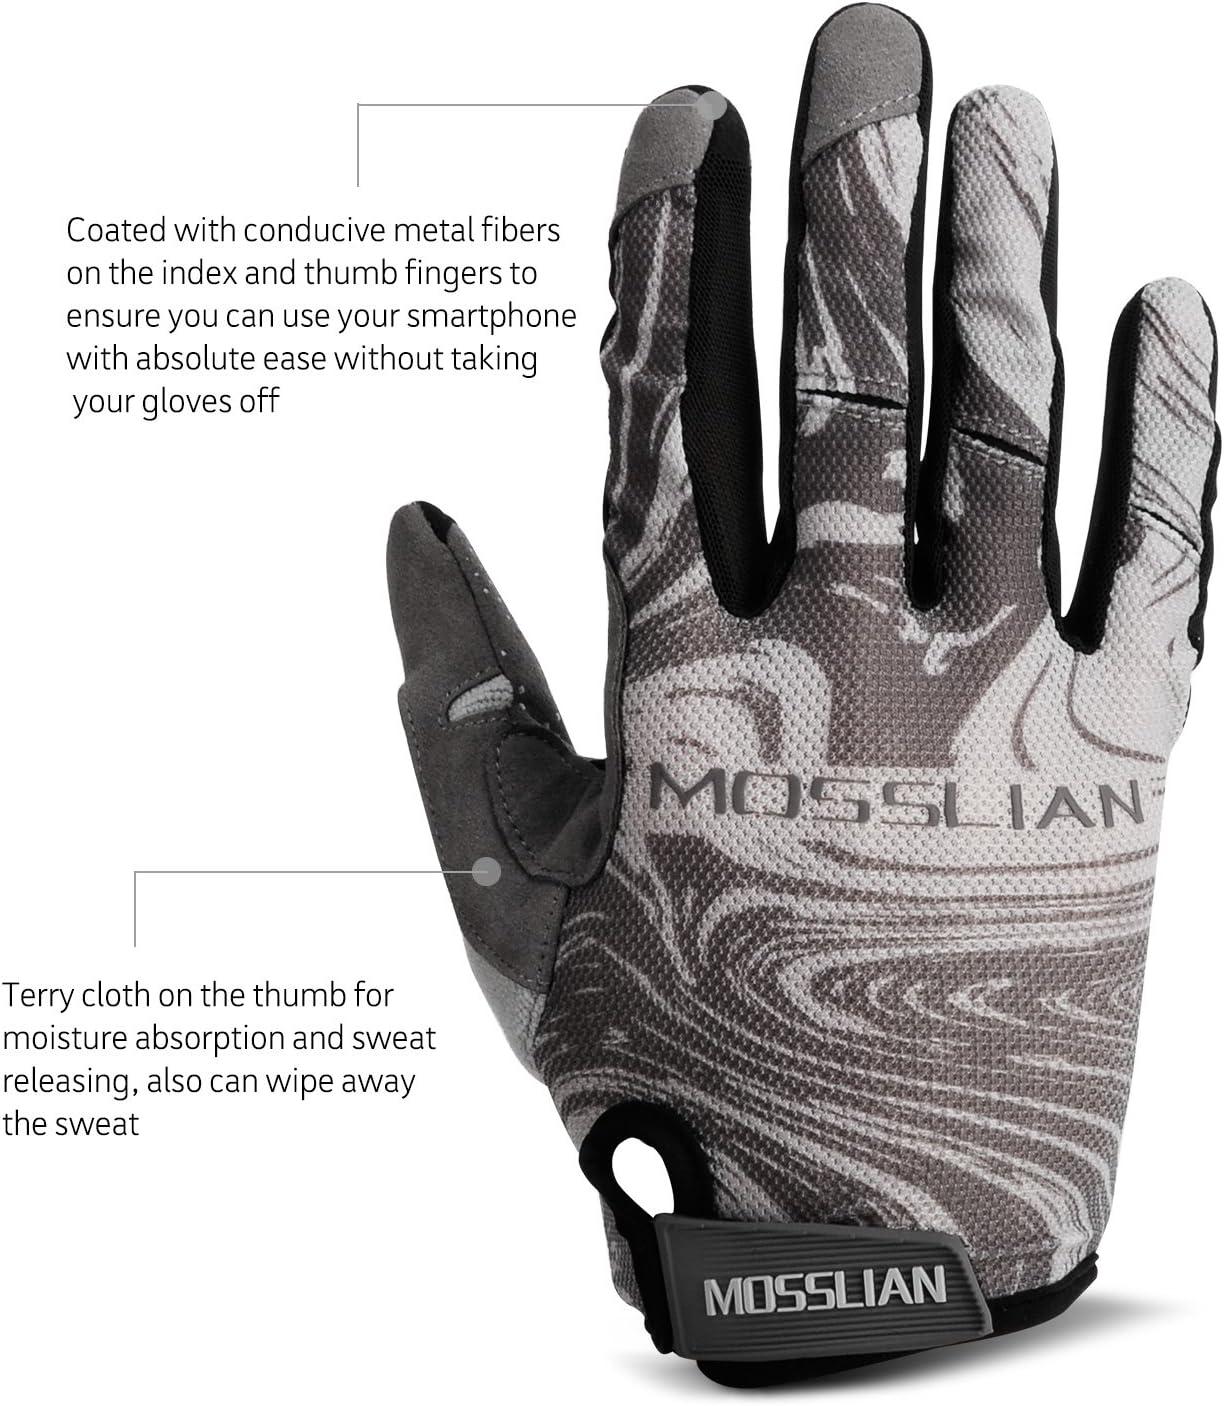 Reflex Gel Padded Touch Screen Bike Gloves for Men /& Women. MOSSLIAN Cycling Gloves Full Finger Riding Gloves,Anti-Slip Shock